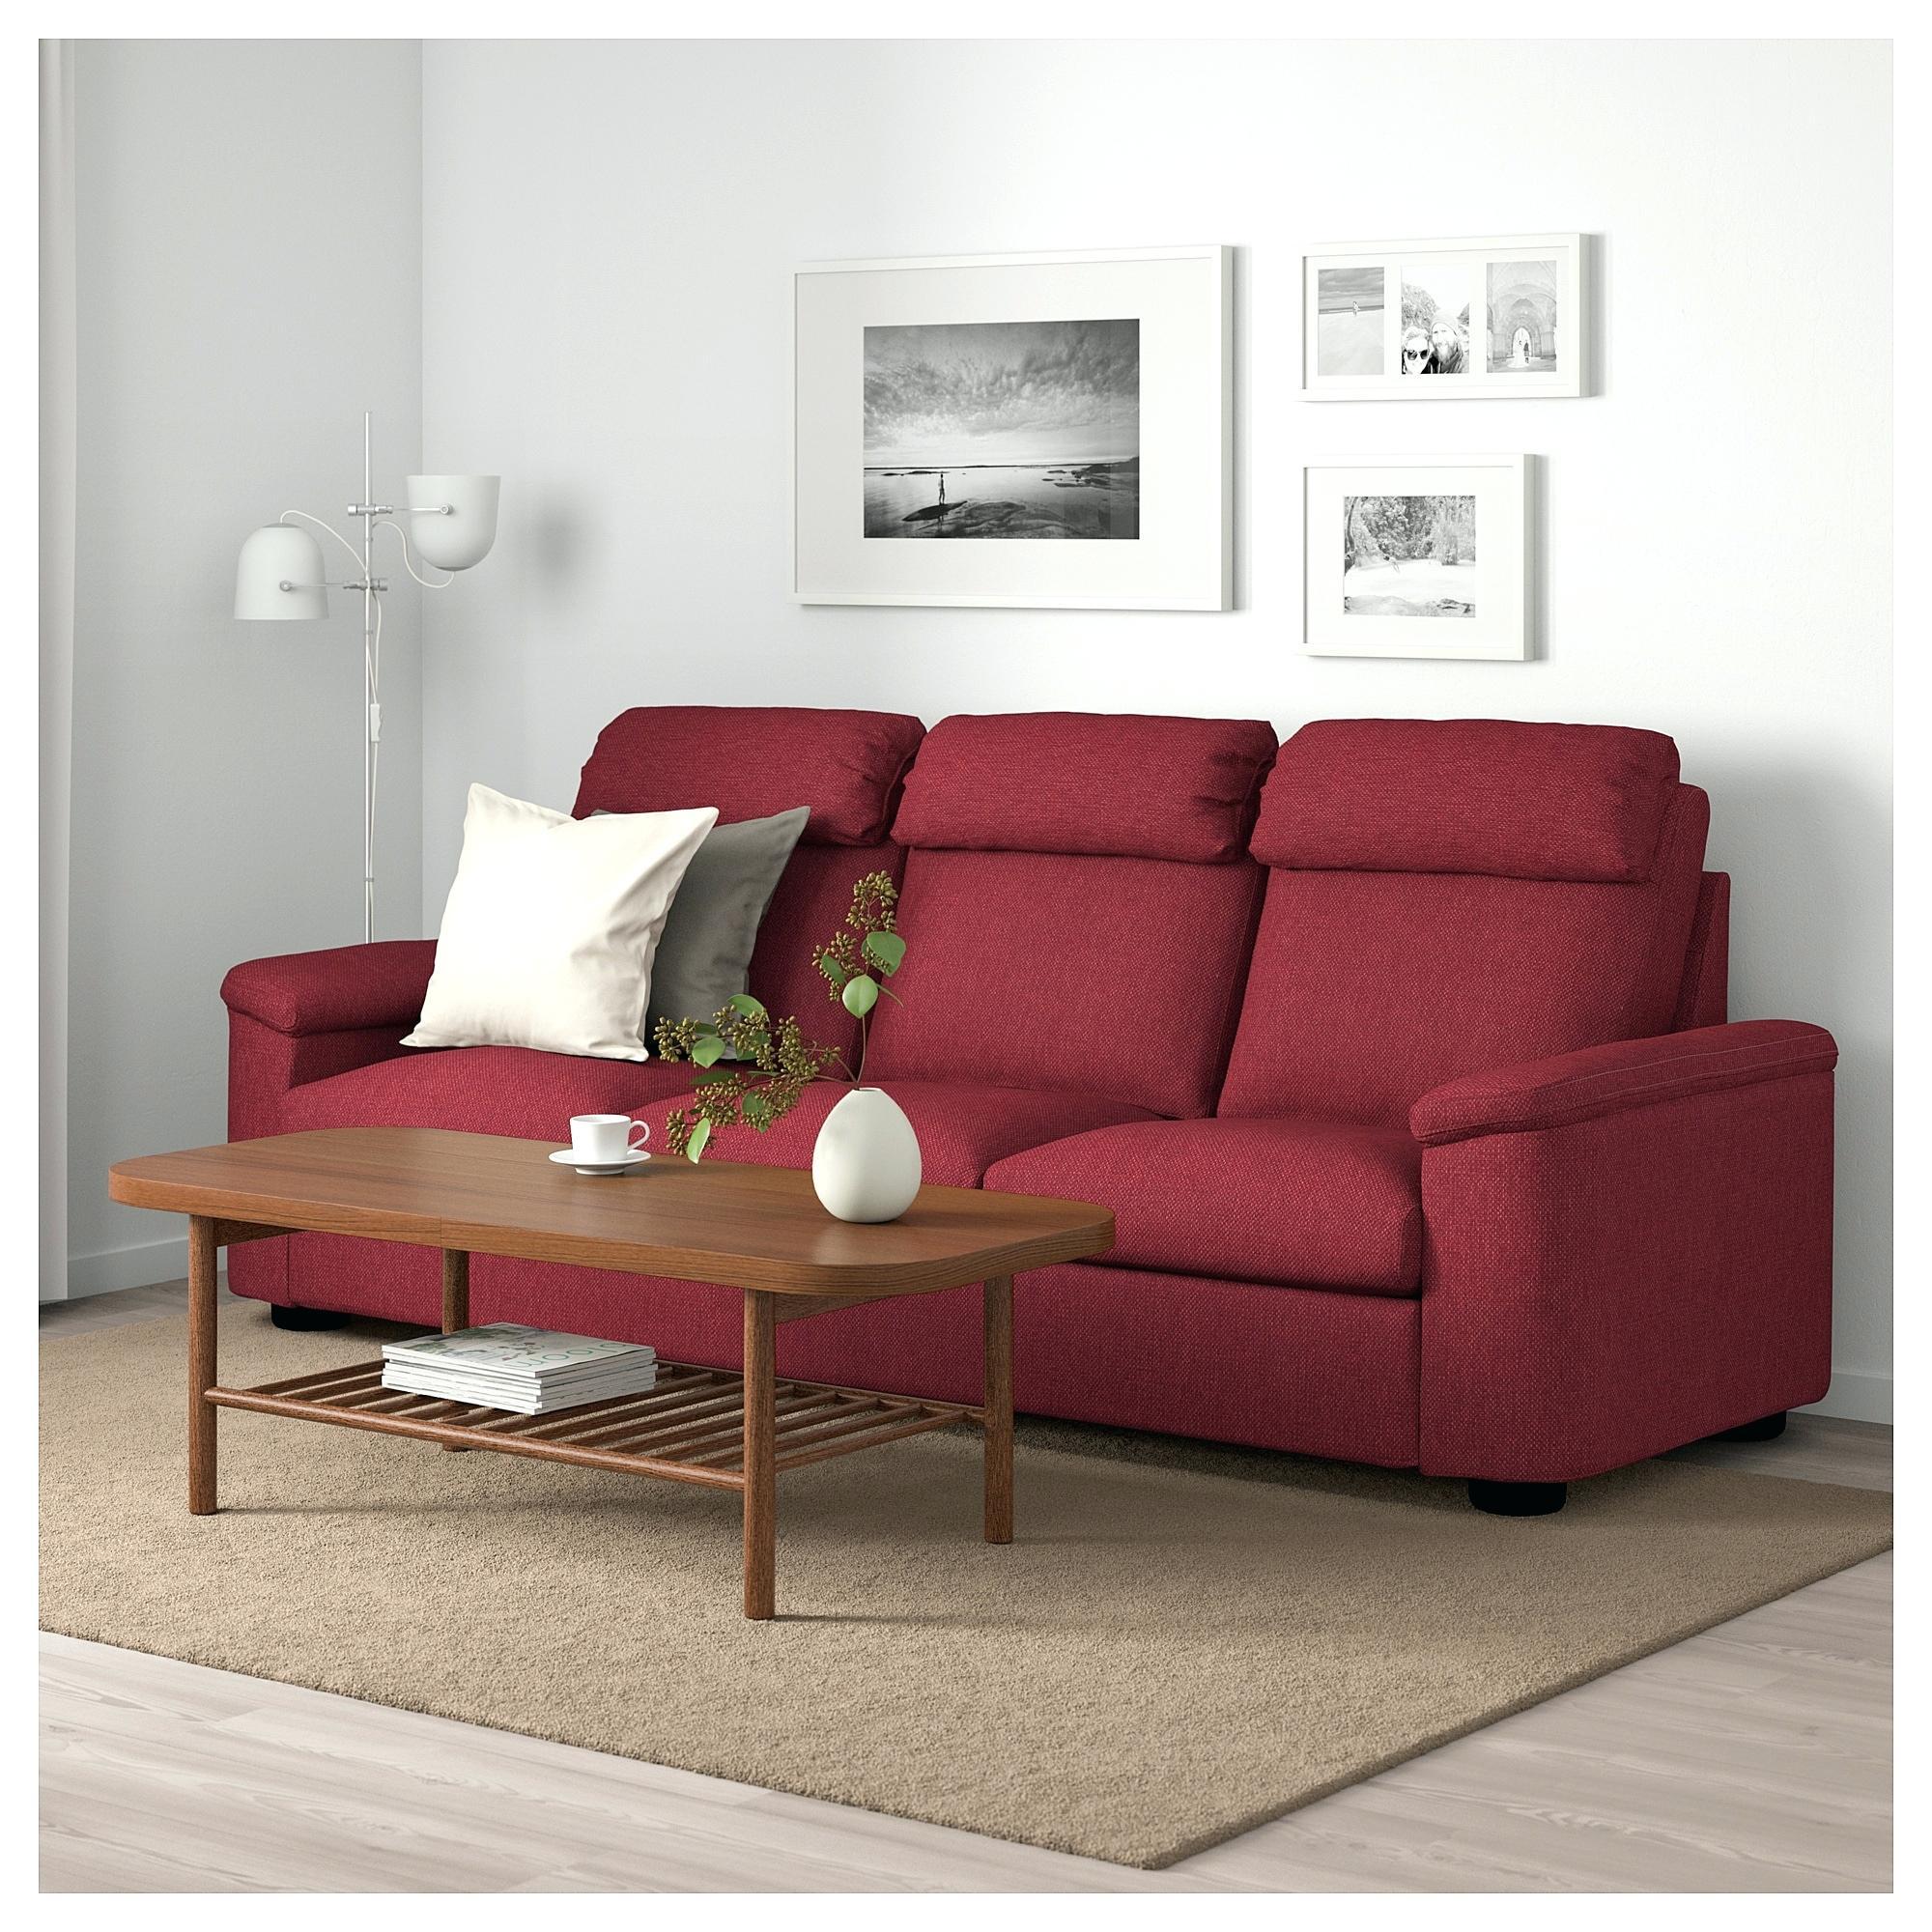 Canape 3 Places Rouge – Simola.co tout Canape Relax Design